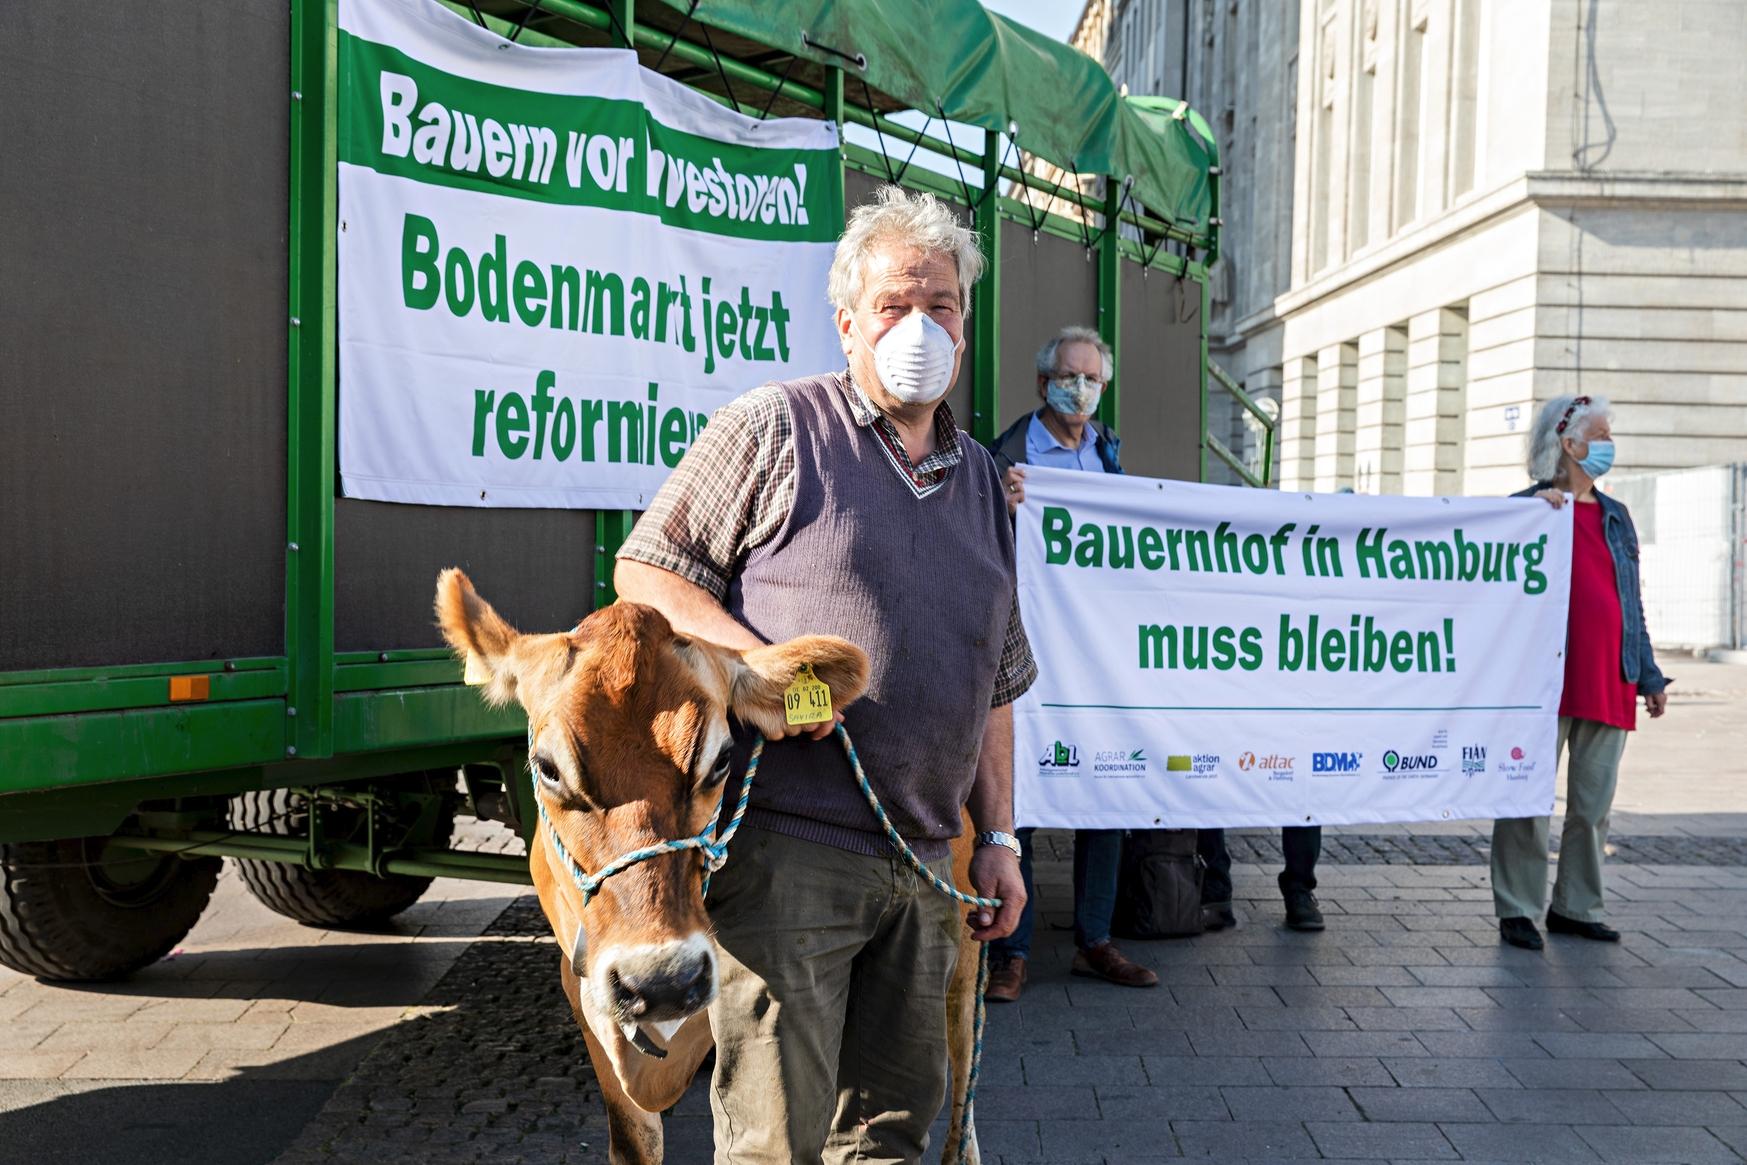 DEU, Hamburg, 2020, 22.09.2020, Aktion der AbL (Arbeitsgemeinschaft bäuerliche Landwirtschaft) auf dem Rathausmarkt Hamburg, Copyright : Fred Dott, http://www.freddott.de